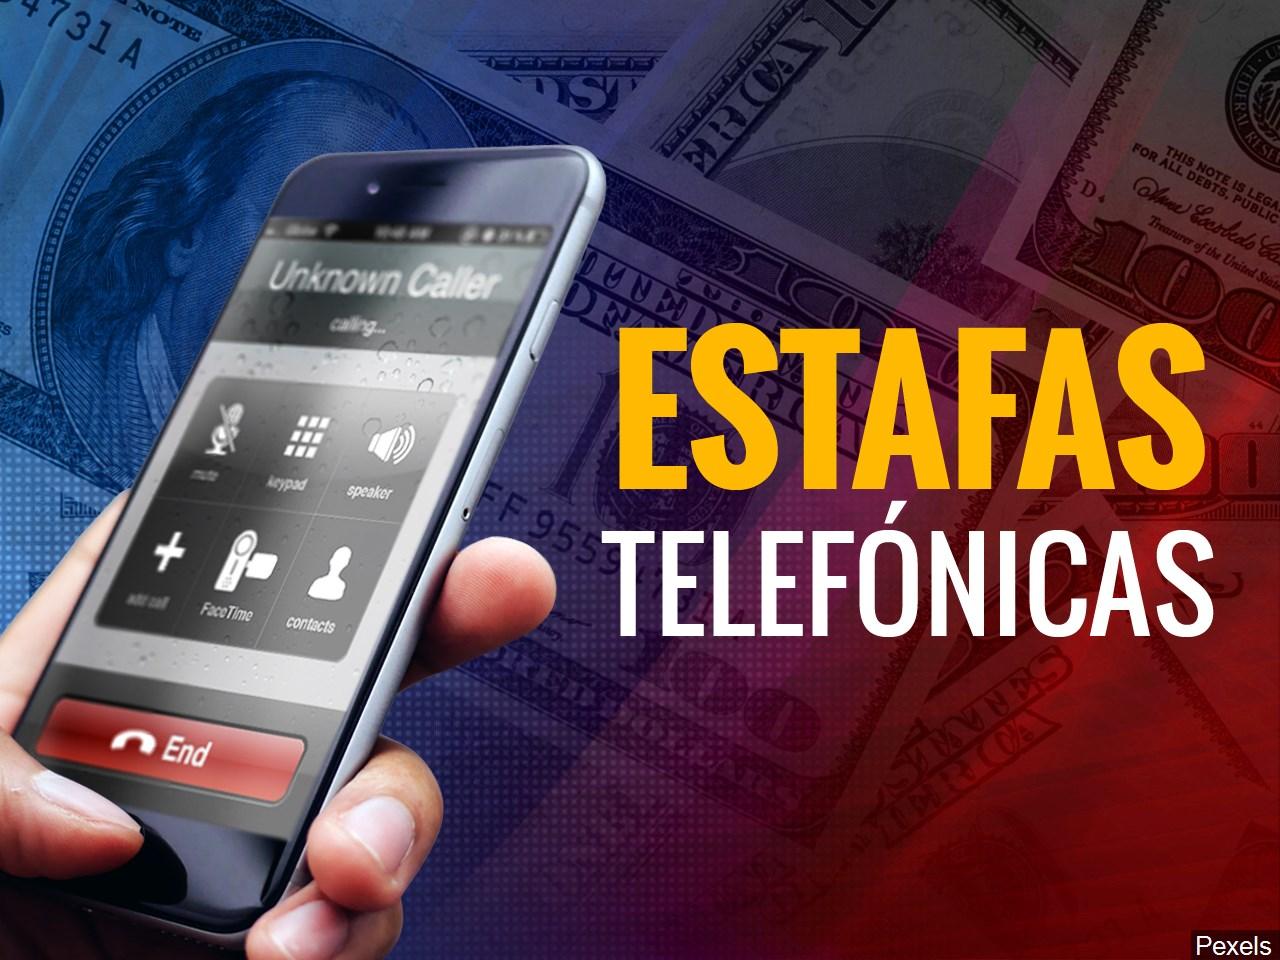 ESTAFAS: Piden que se extremen medidas de seguridad y no brinden ningún tipo de datos personales ni de cuentas bancarias